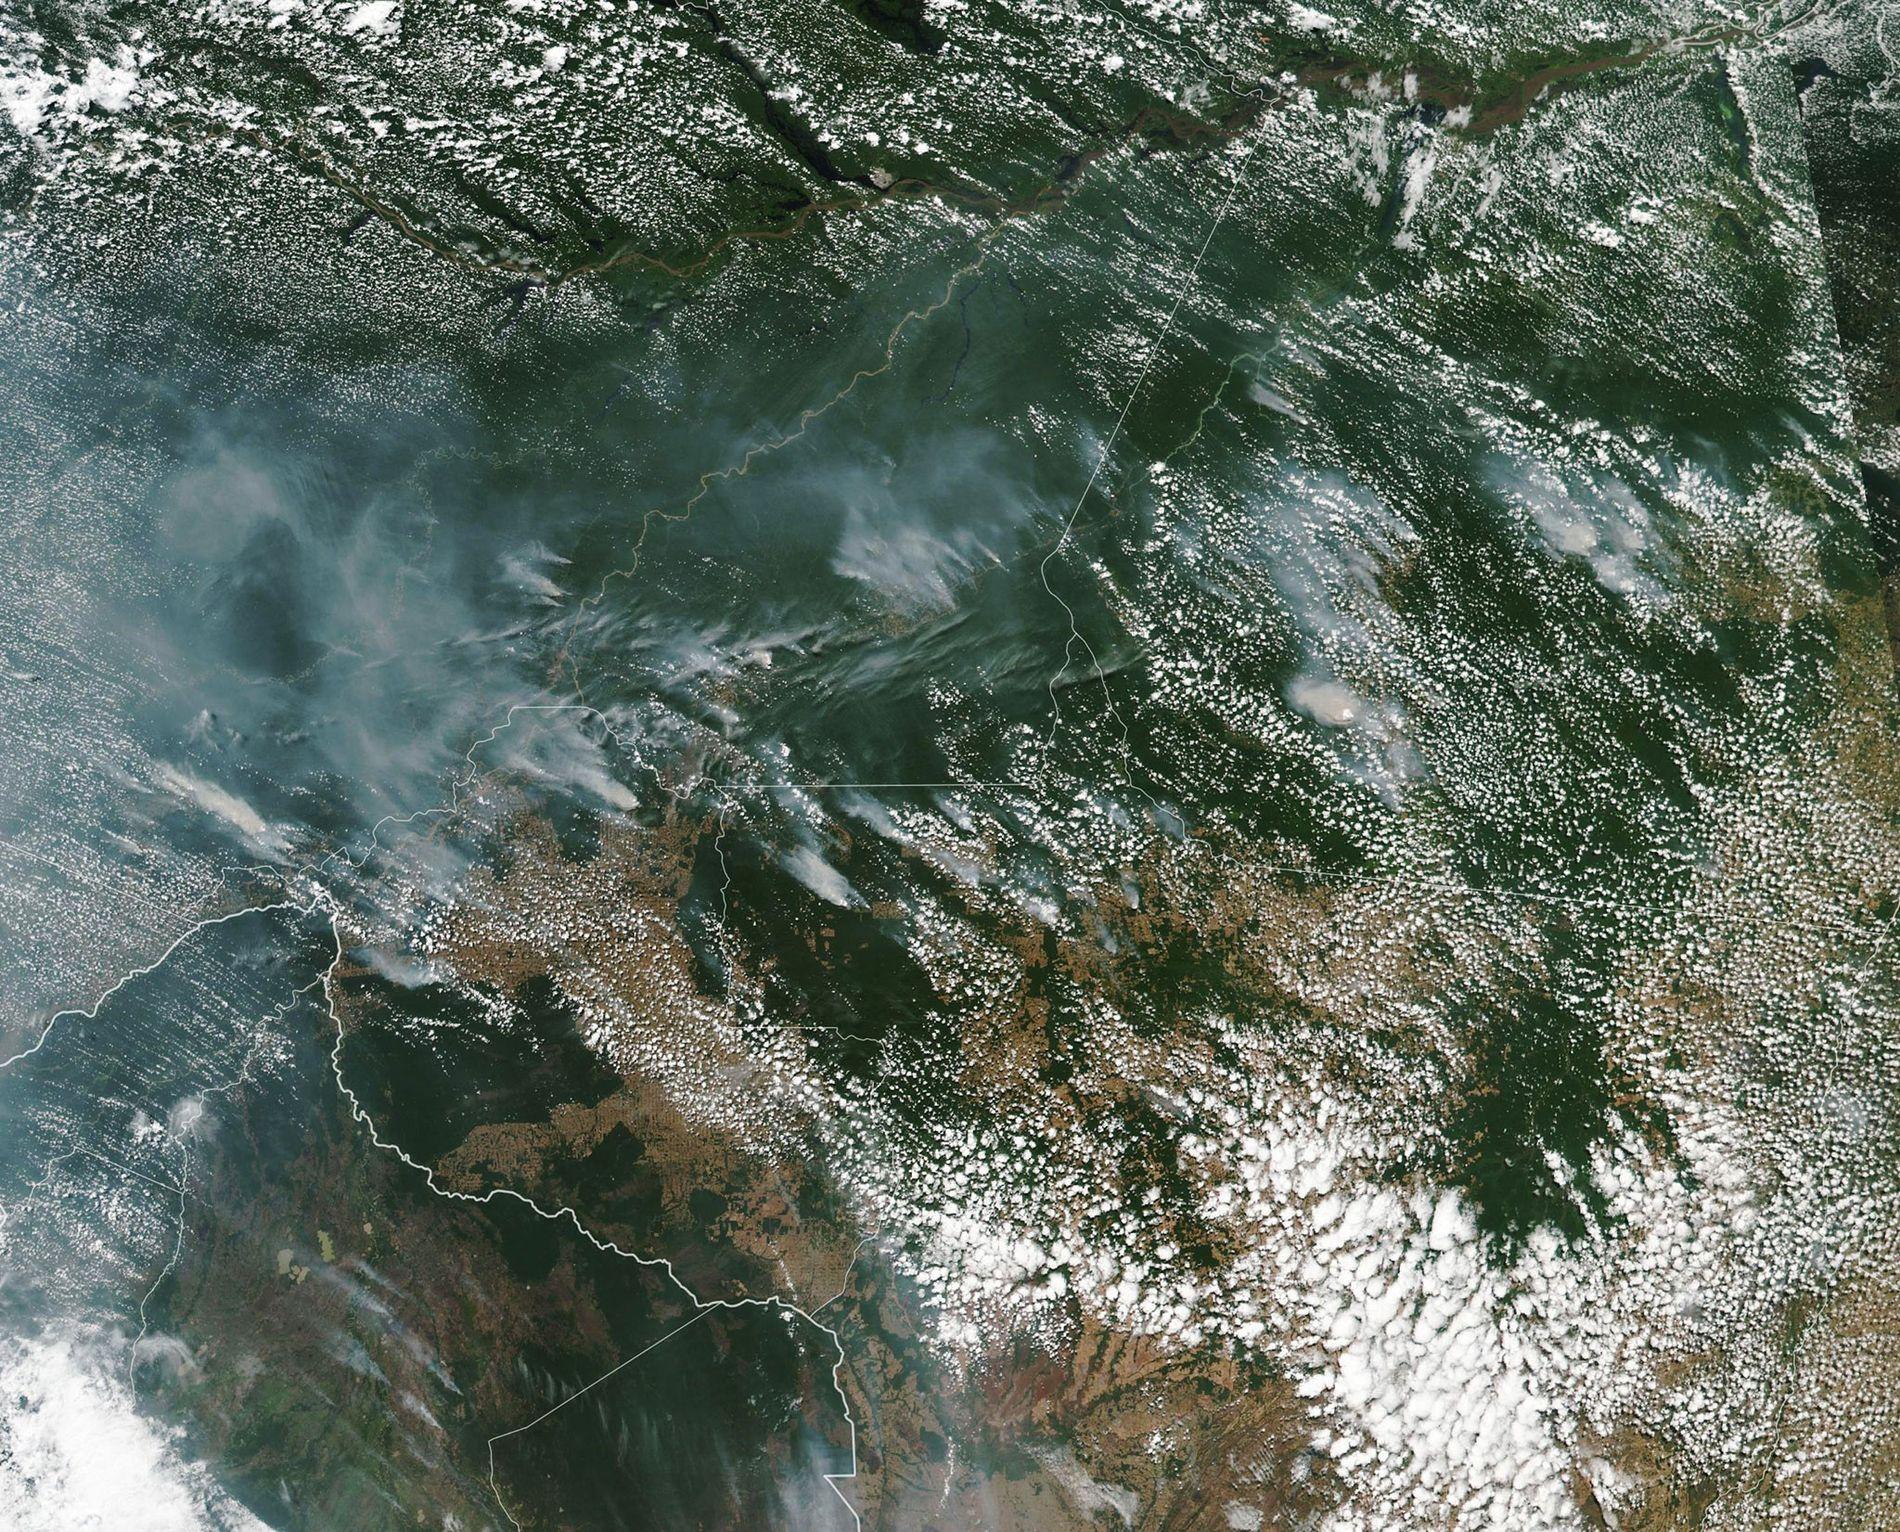 Sur cette photo satellite prise par la NASA, on distingue clairement la fumée engendrée par l'incendie qui ravage la forêt amazonienne.